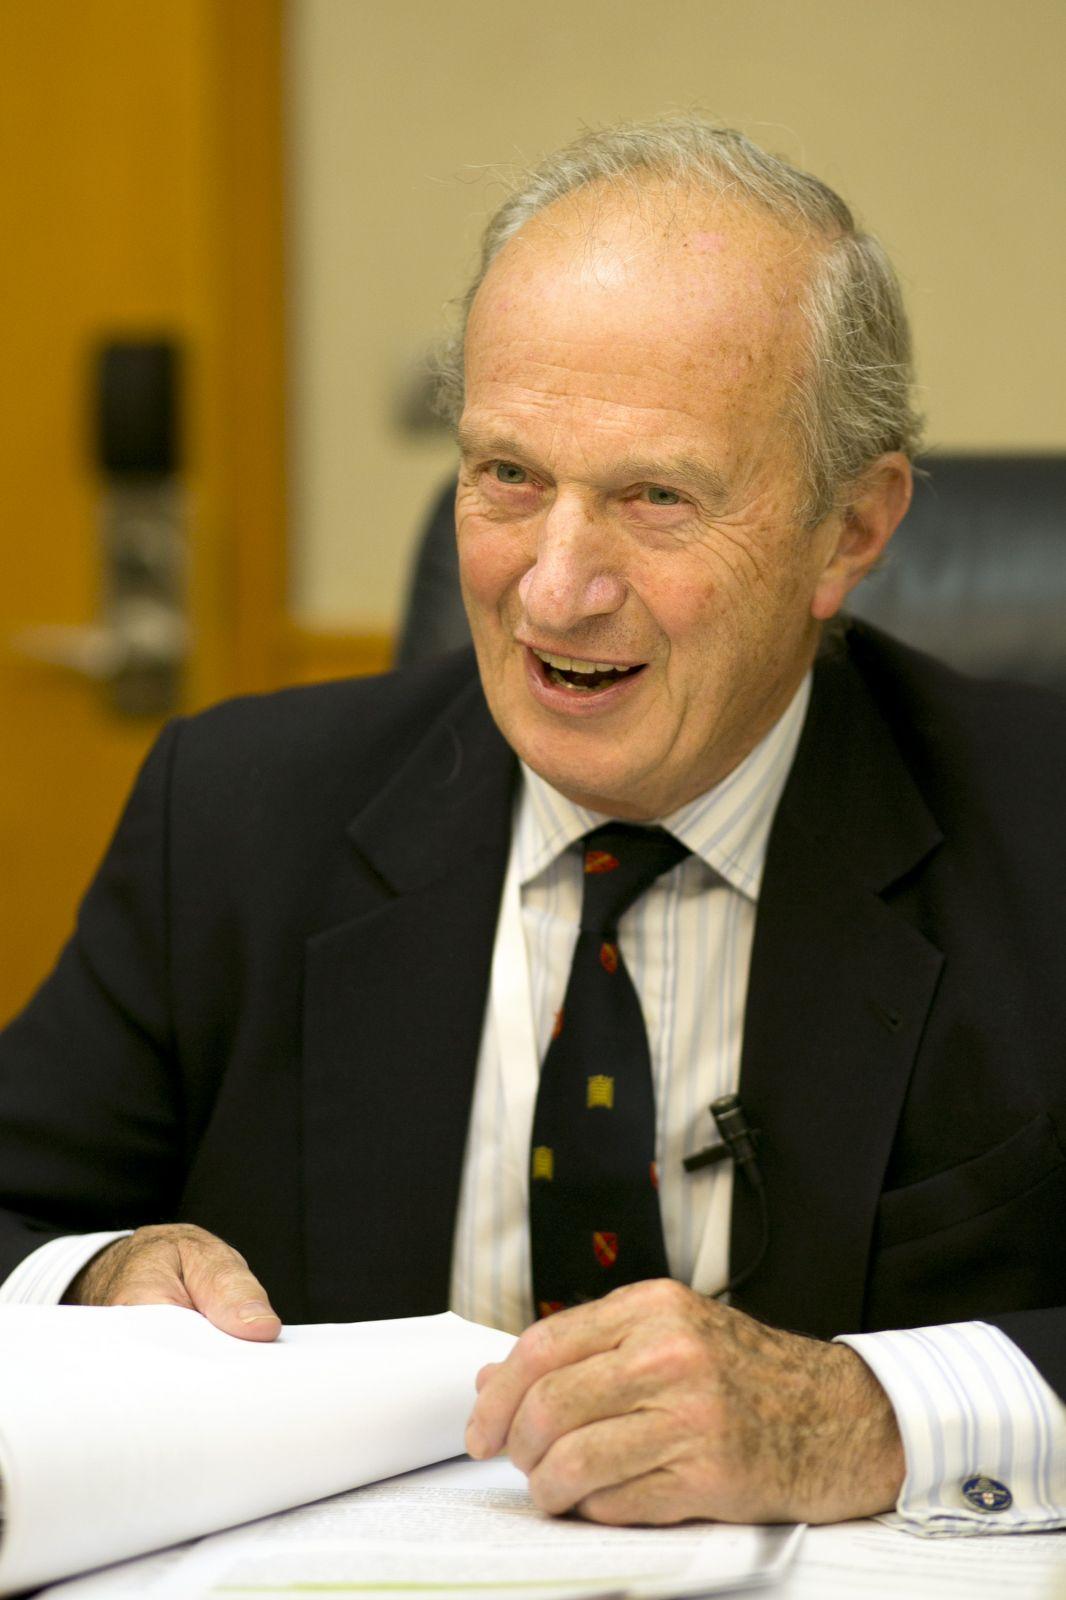 הלורד דייוויד האנט, ראש מועצת העיתונות הבריטית. תל-אביב, 10.9.13 (צילום: מתניה טאוסיג)